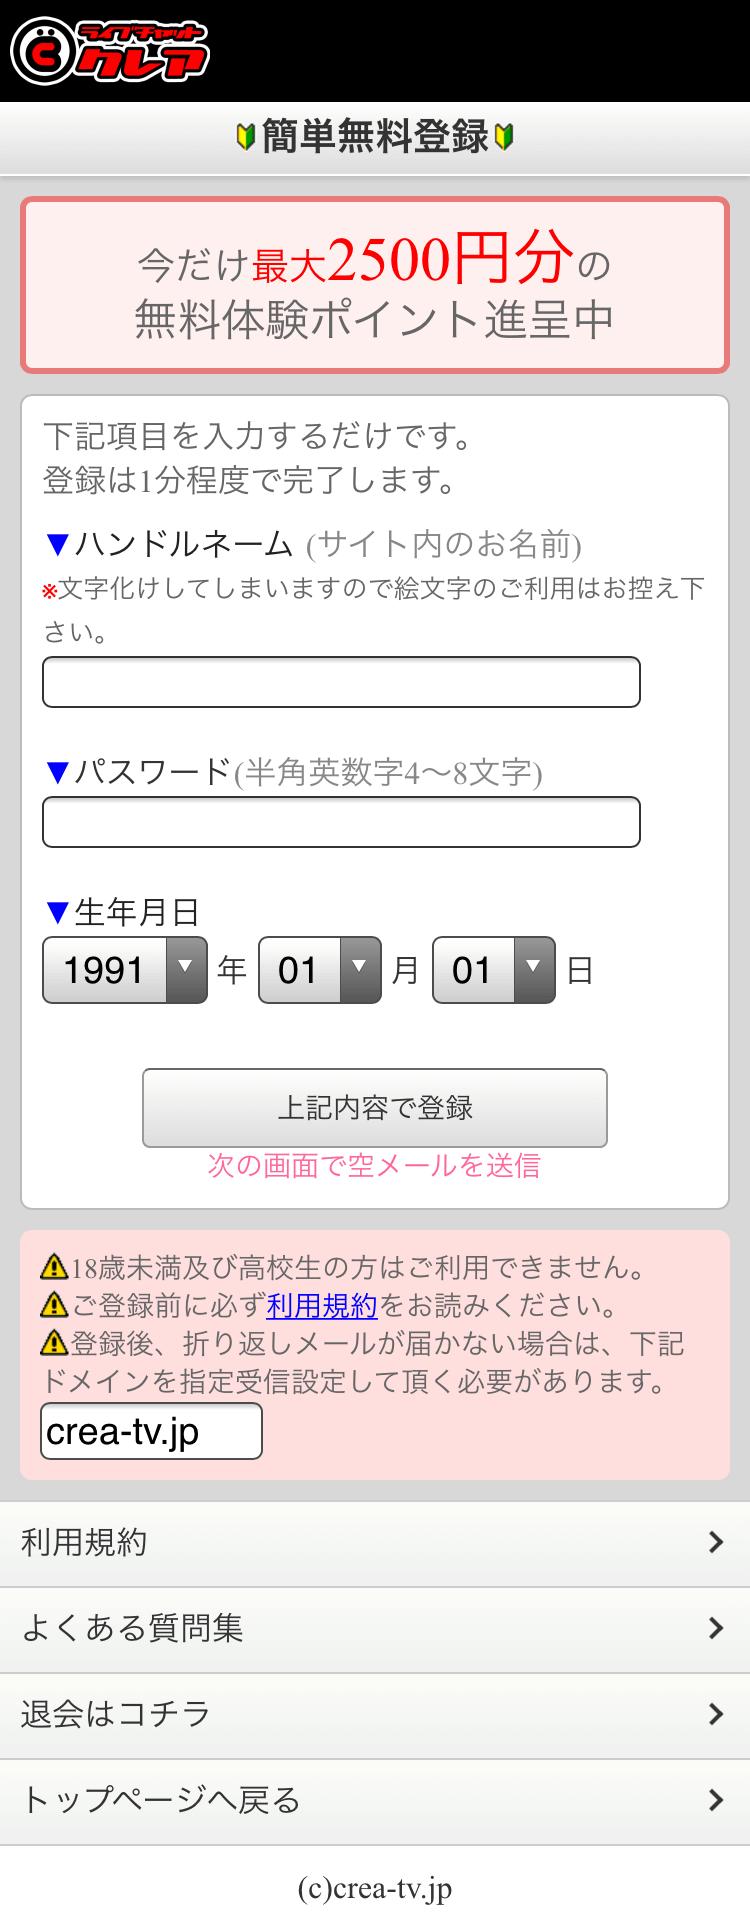 ライブチャットクレア(Crea)登録方法②